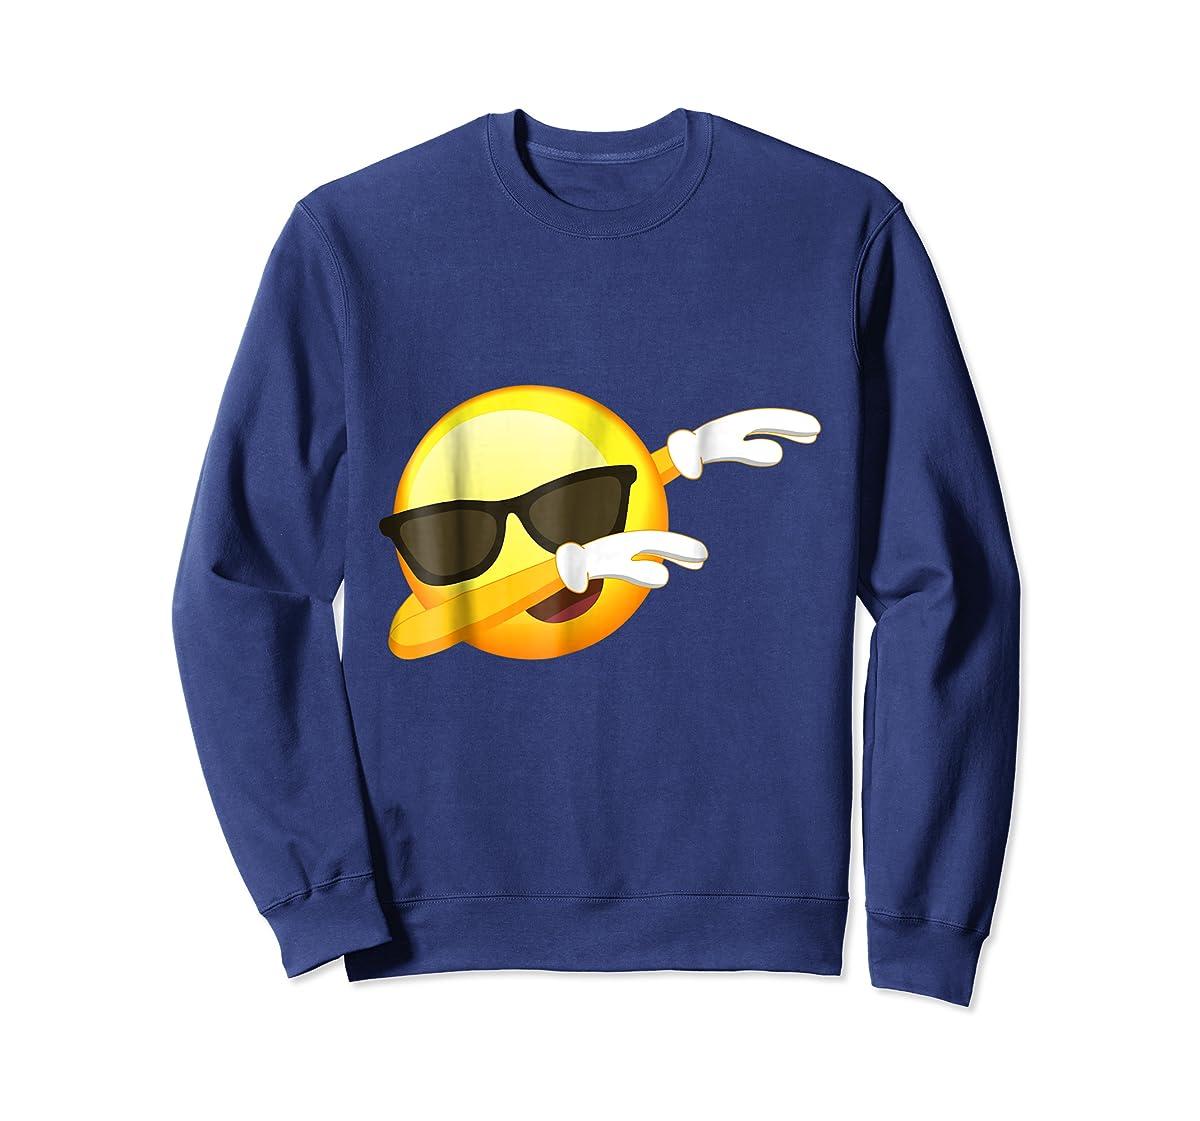 Funny Dabbing Emoji Shirt - Cool Emoji Dab T-Shirt-Sweatshirt-Navy